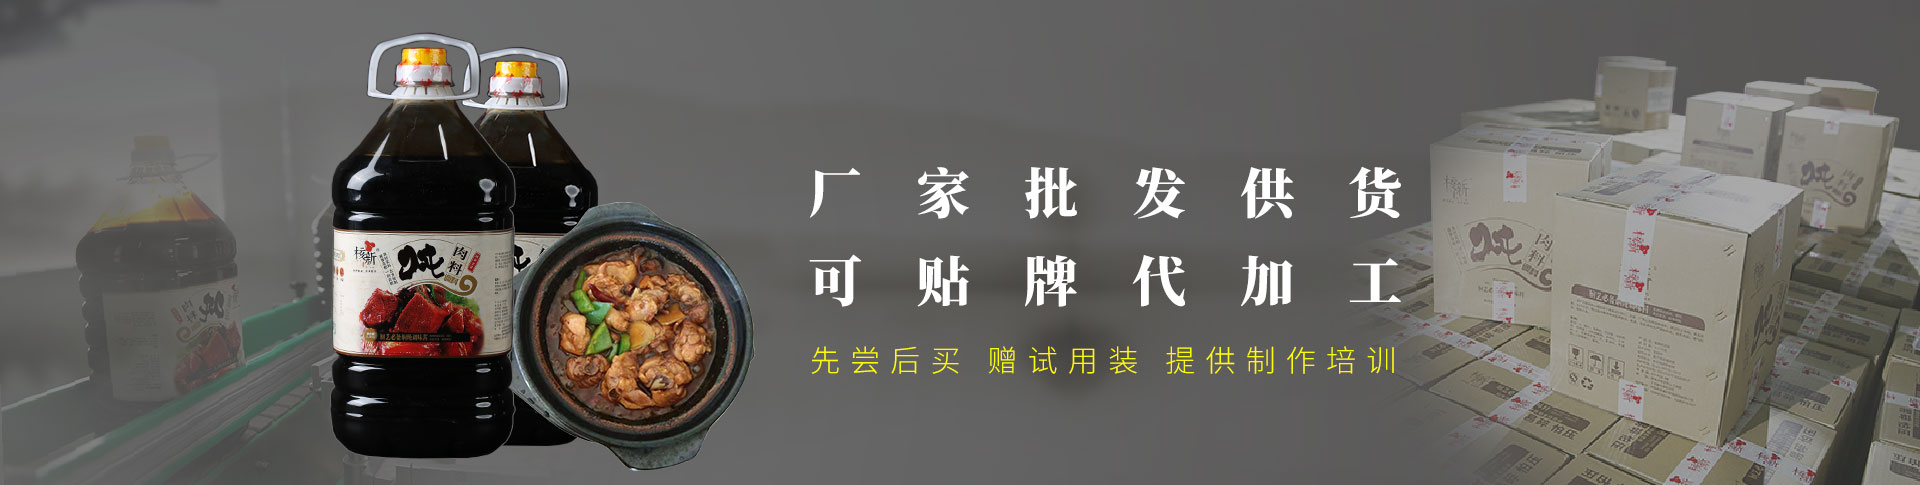 杭州黄焖鸡技术培训,黄焖鸡酱料代加工